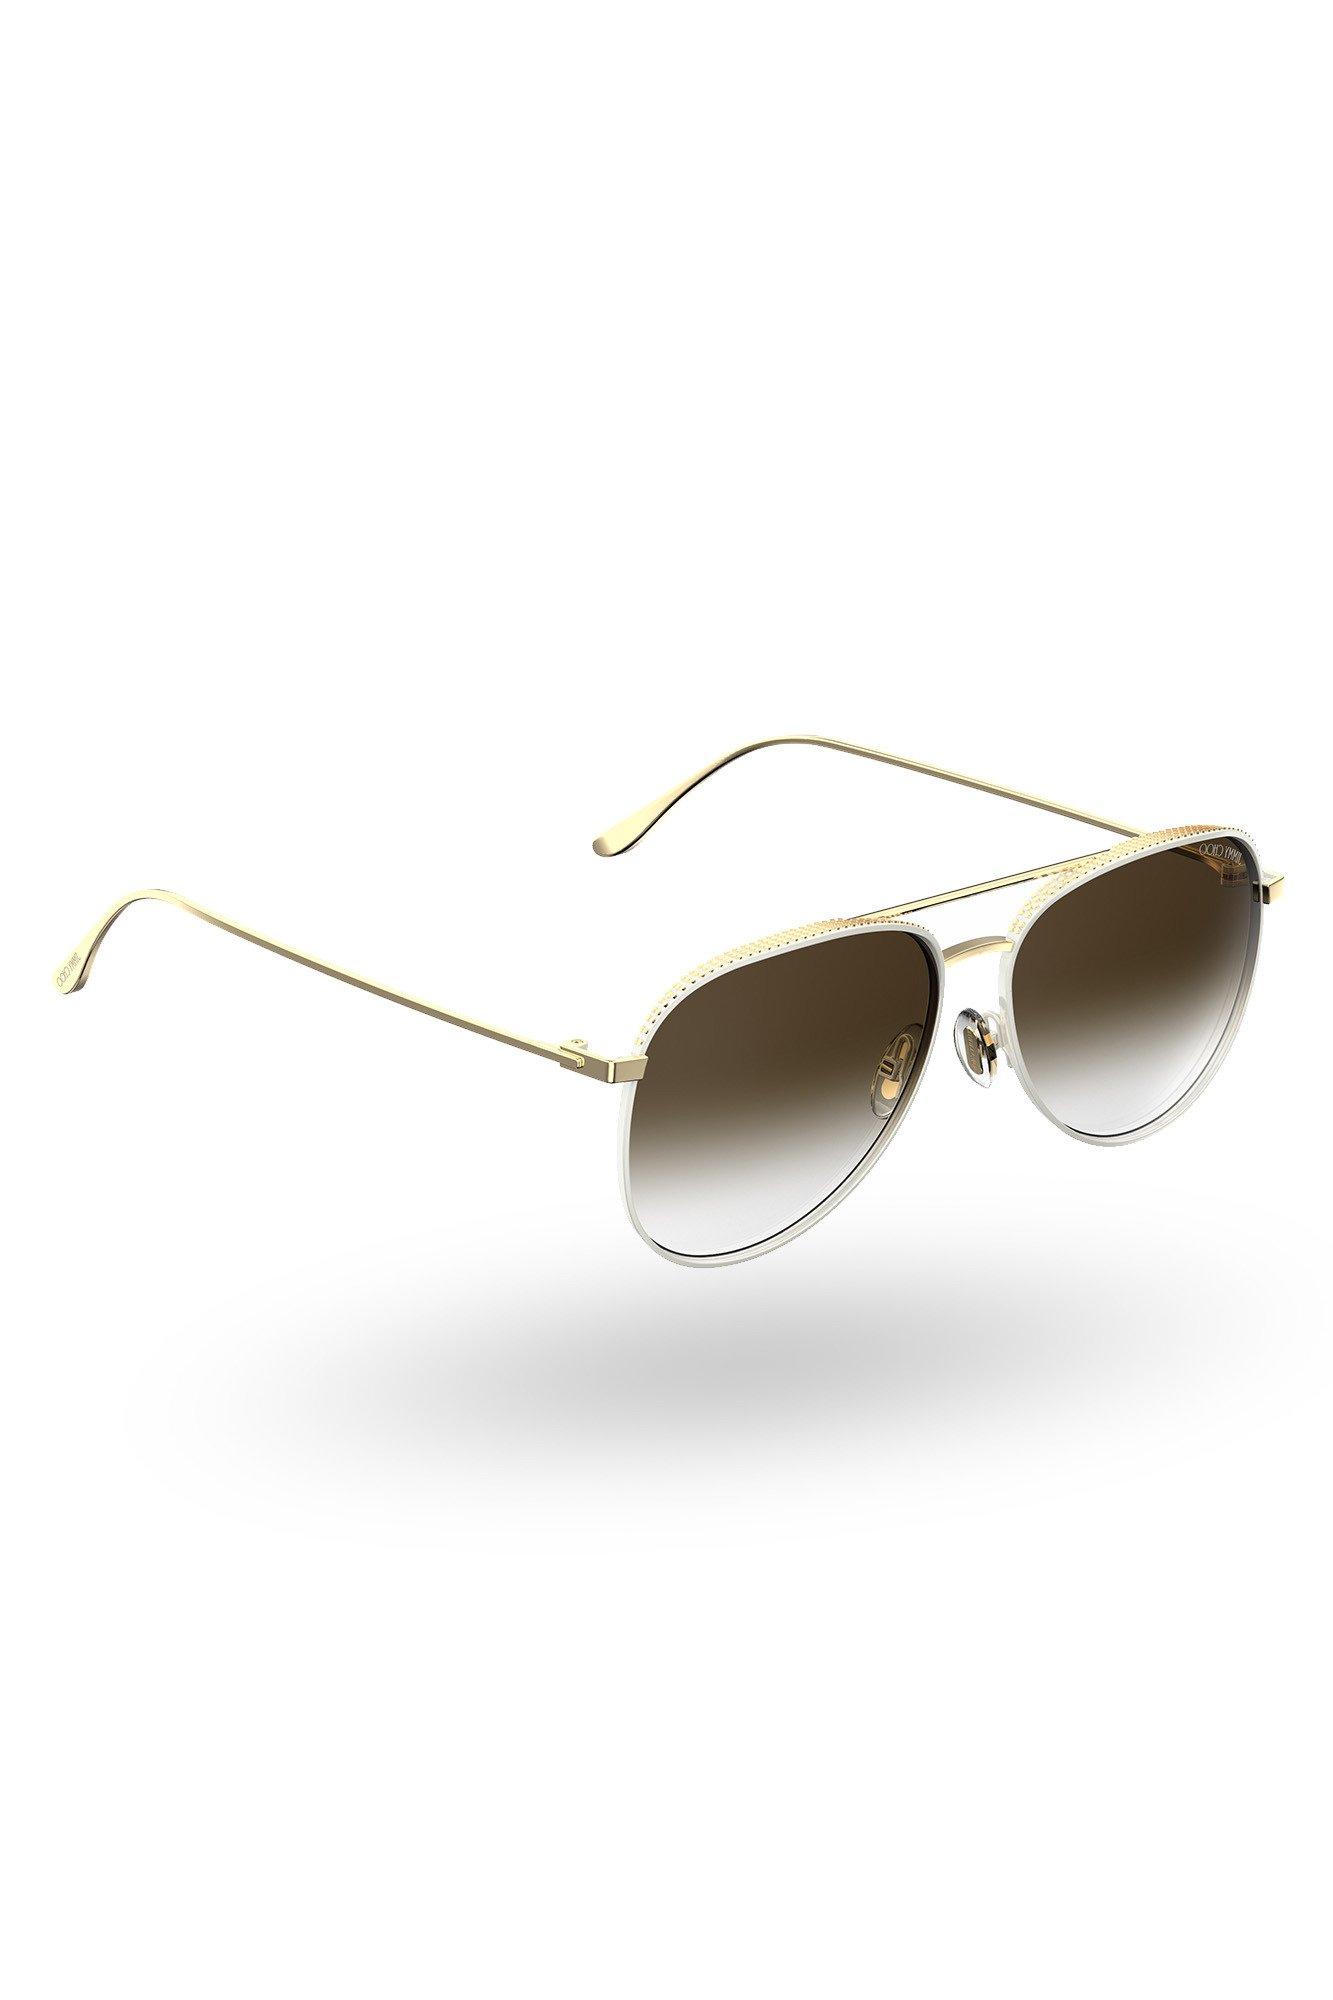 Biało-złote okulary przeciwsłoneczne rozmiar Uniwersalny